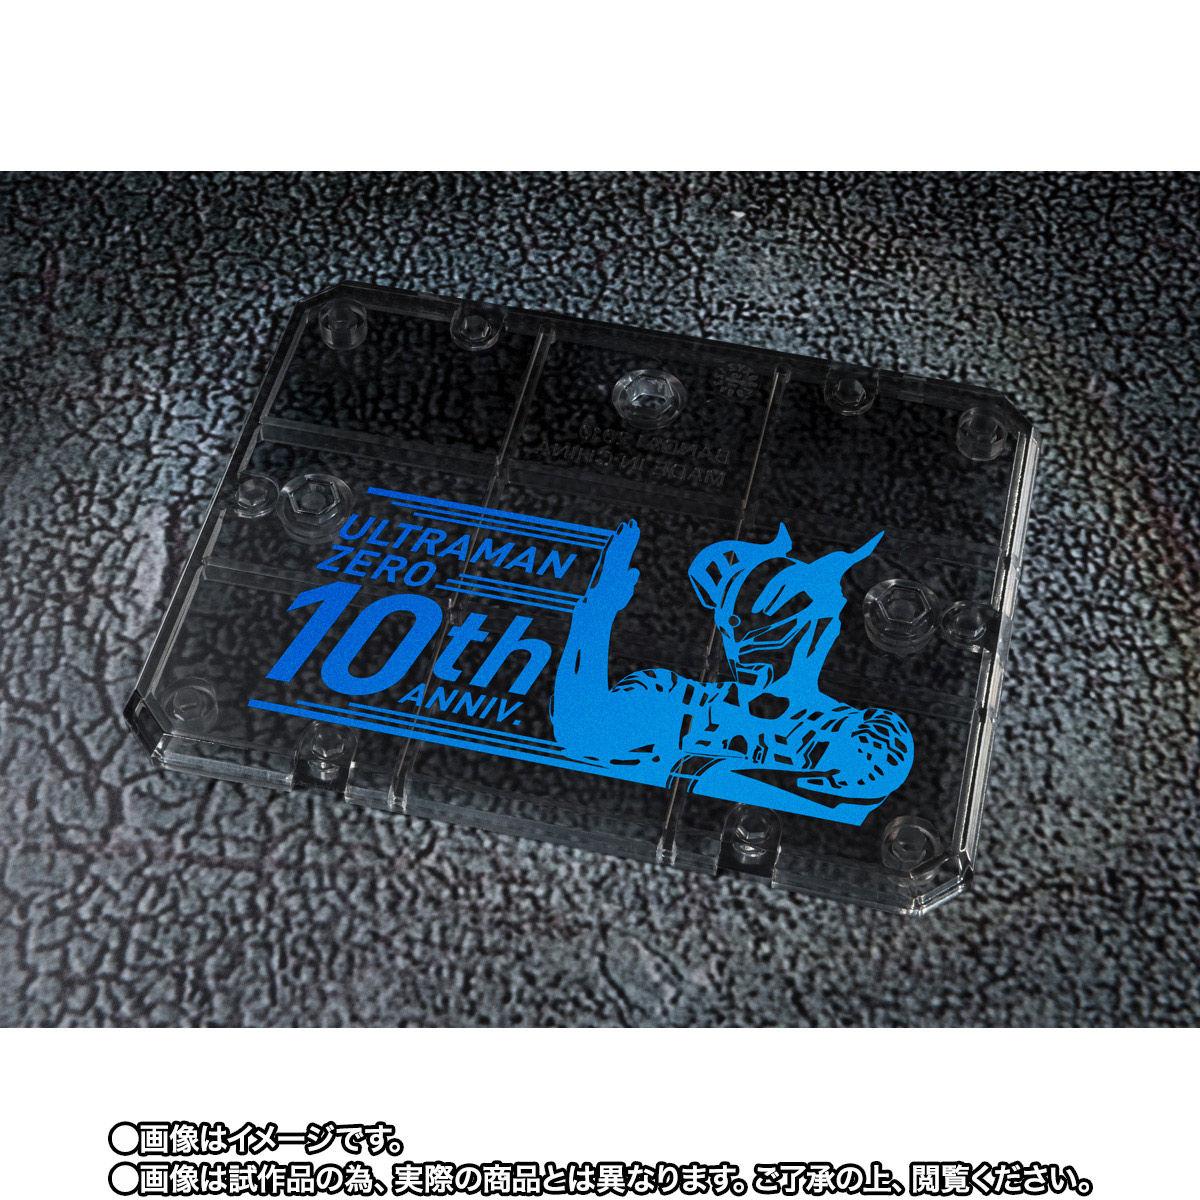 【限定販売】S.H.Figuarts『ウルトラマンゼロ 10周年 Special Color Ver.』可動フィギュア-007